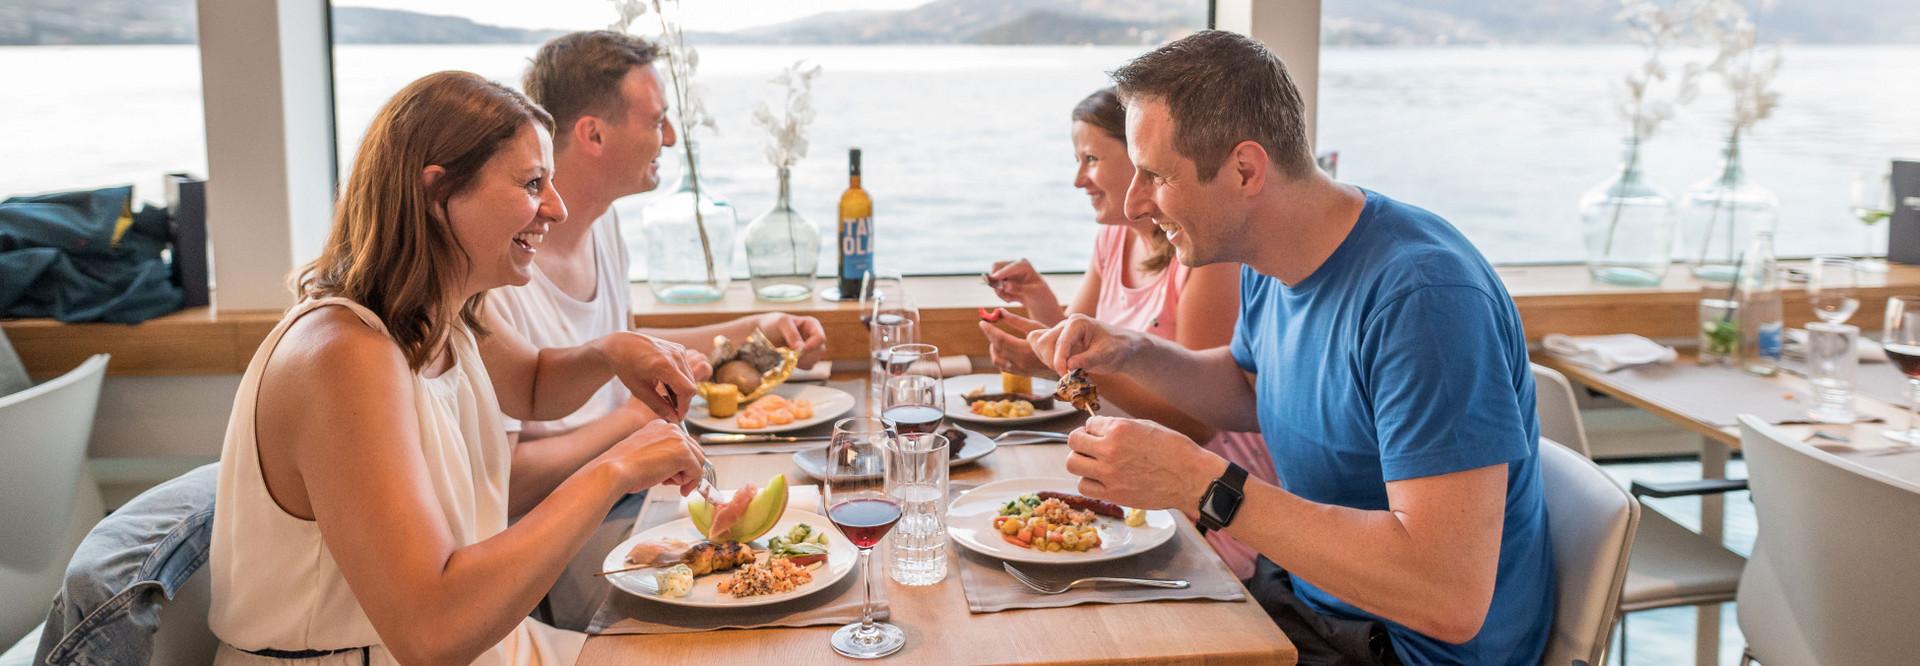 Freunde lassen sich vom herzhaften Essen verwöhnen und geniessen den lauen Sommerabend mit chilliger Musik